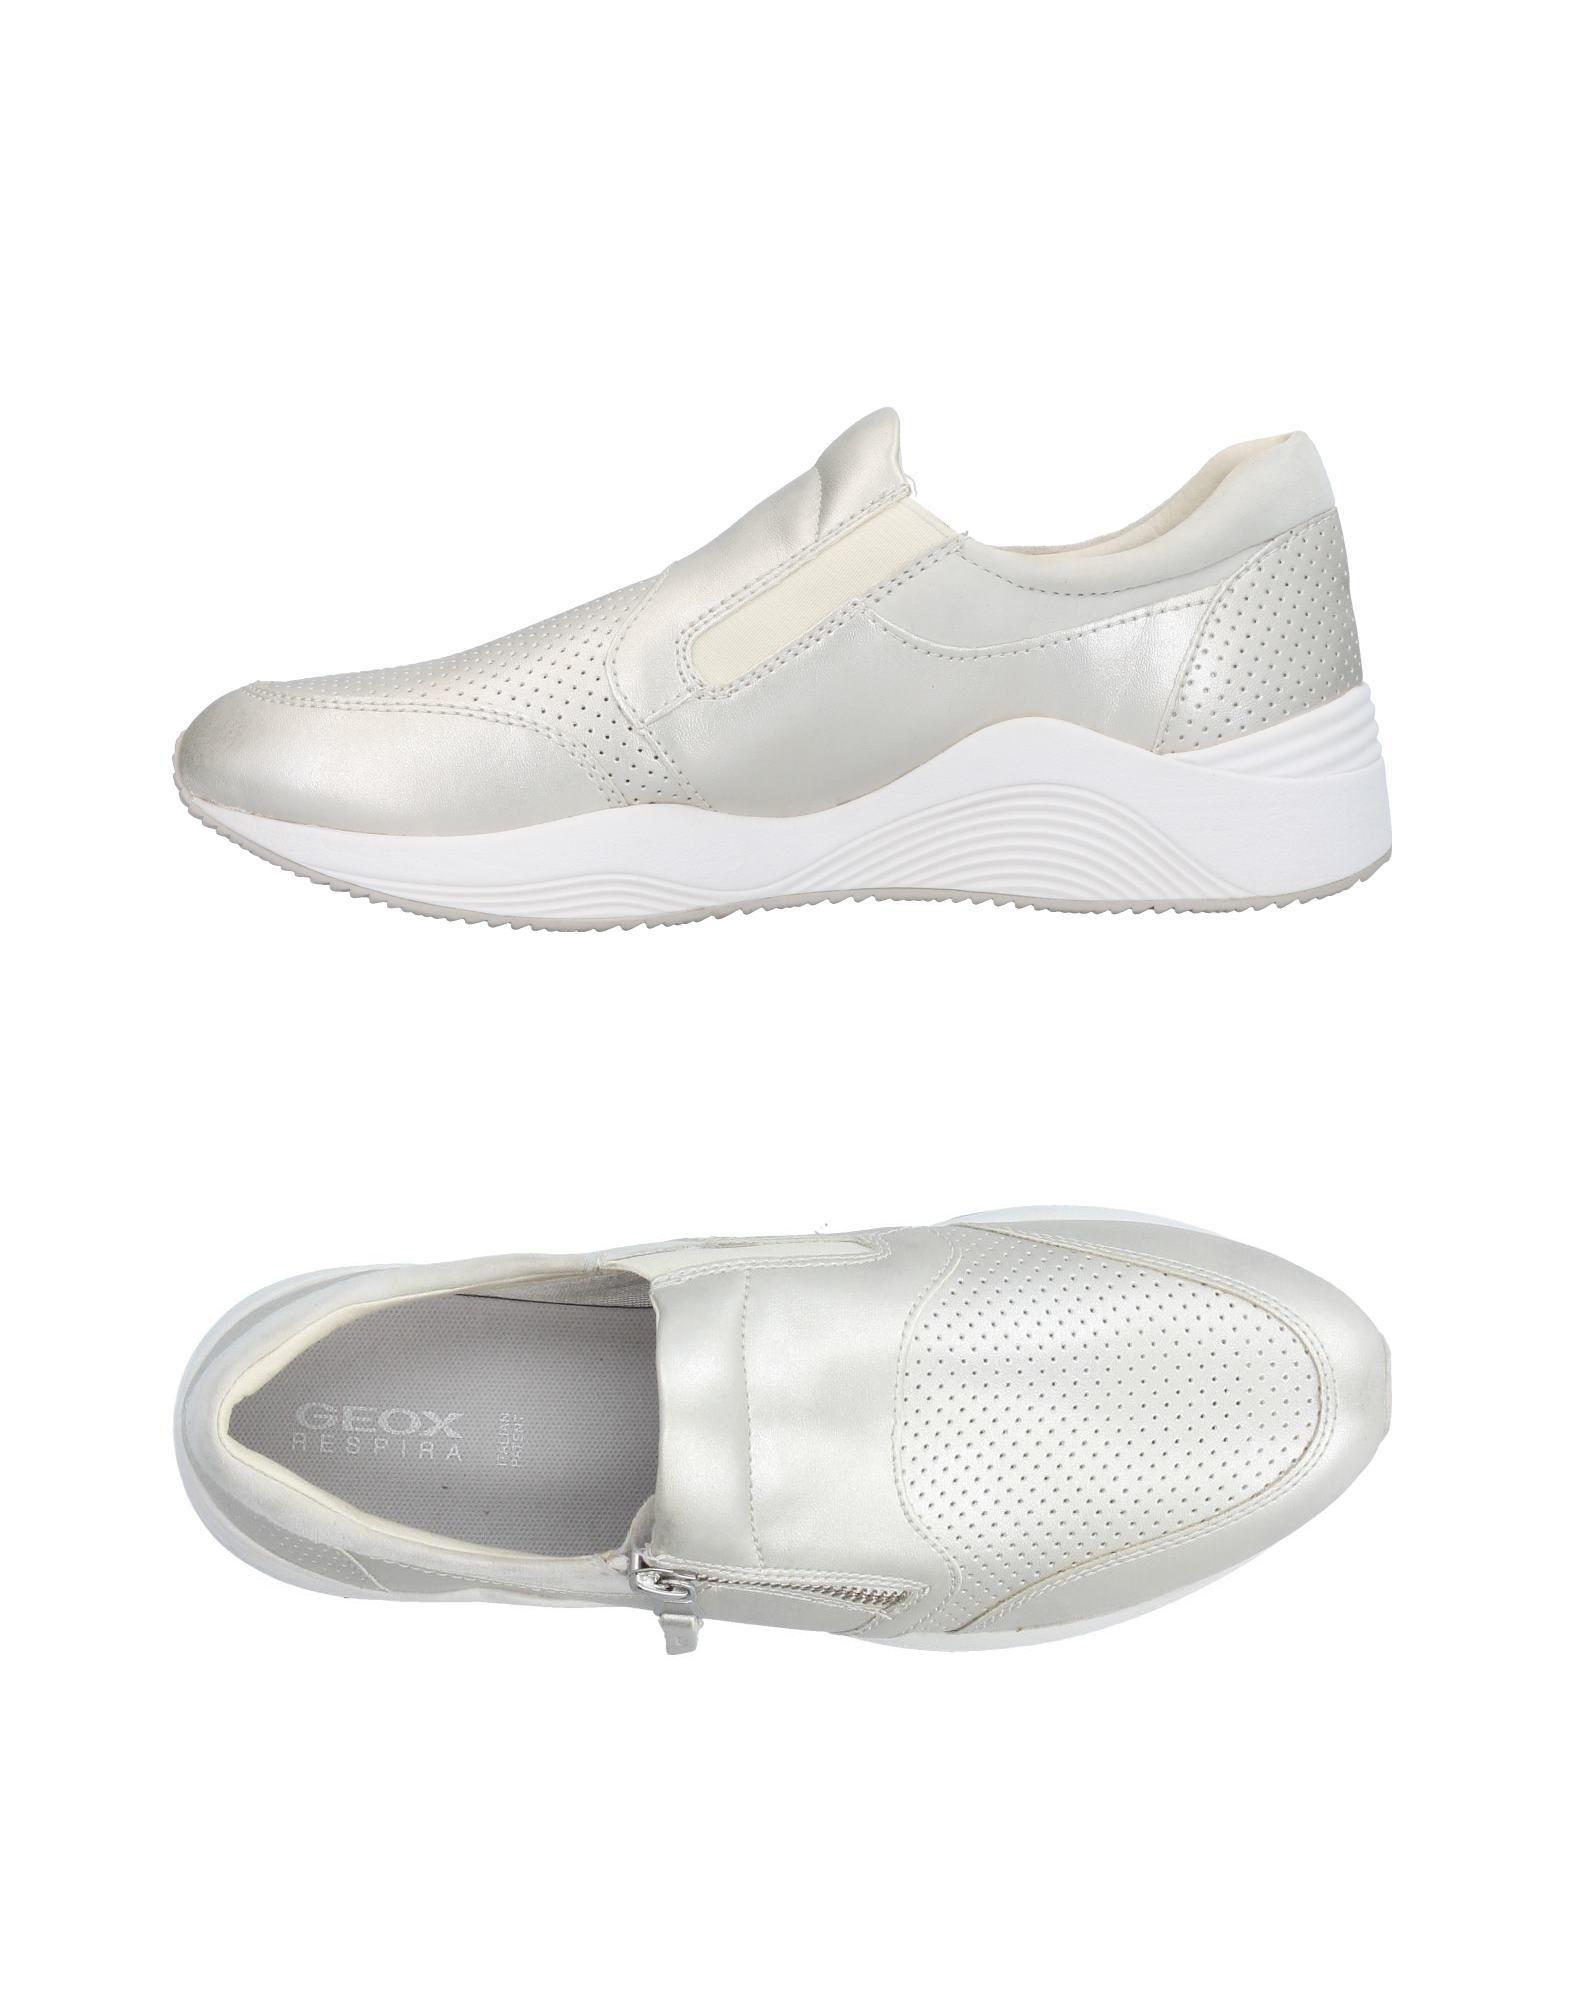 Geox Geox Geox Sneakers Damen  11414056GR Gute Qualität beliebte Schuhe 9f0d2a